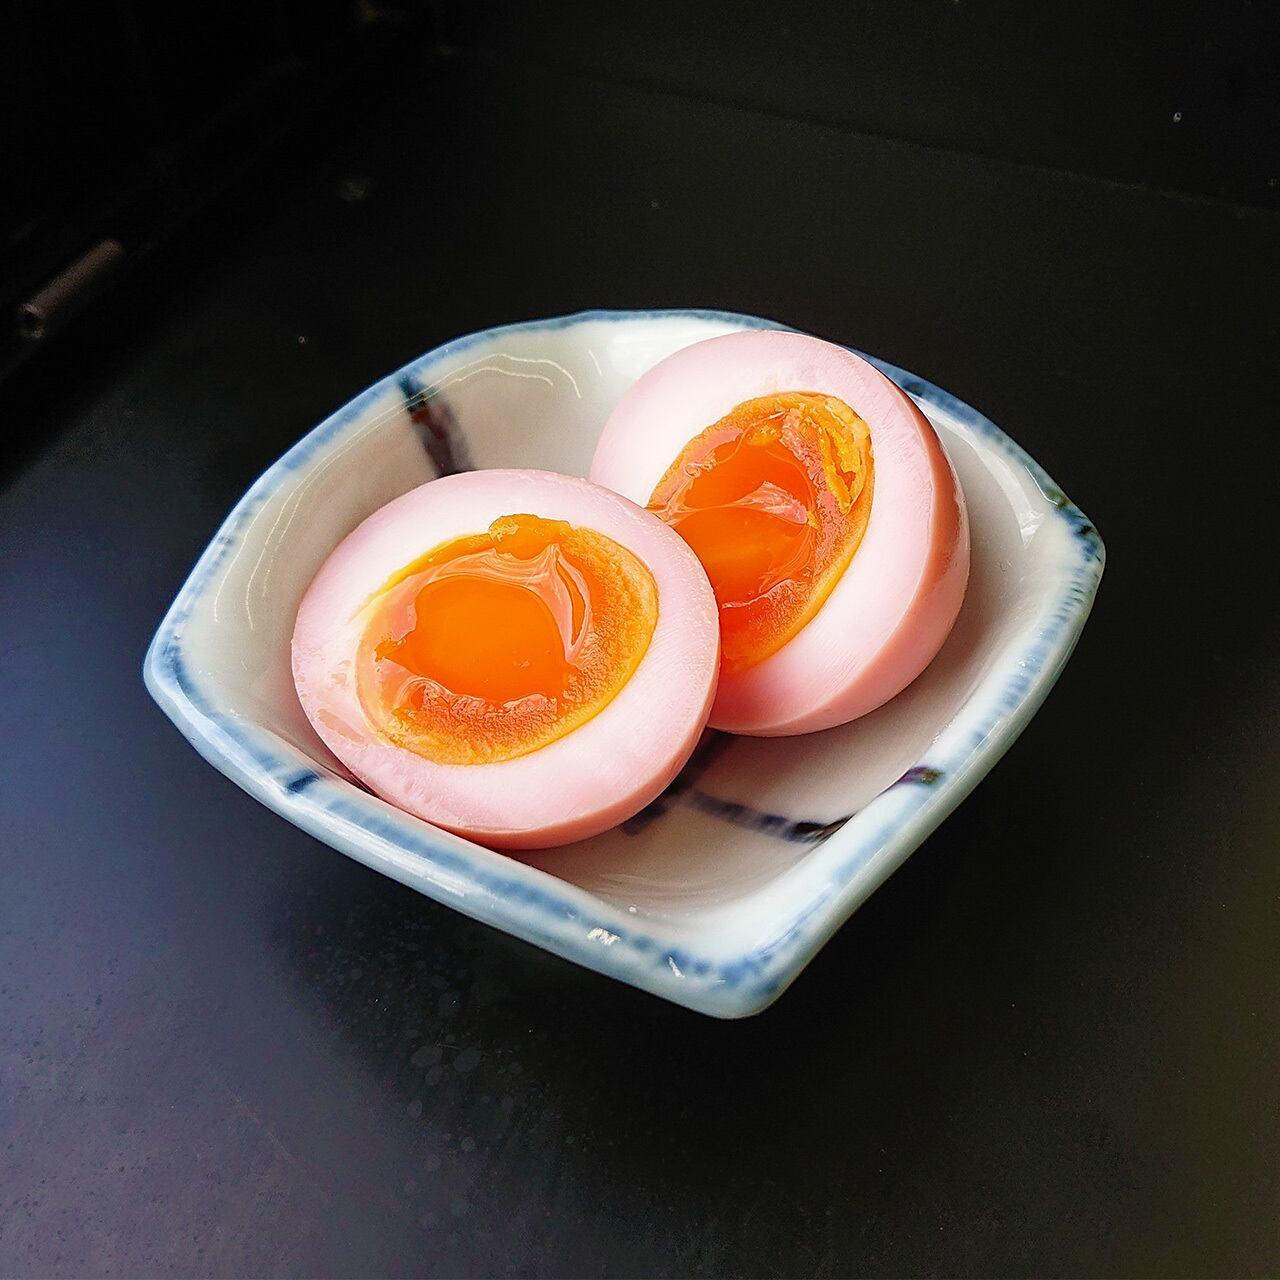 【桜ver.】おうちで味付け玉子 自作キット